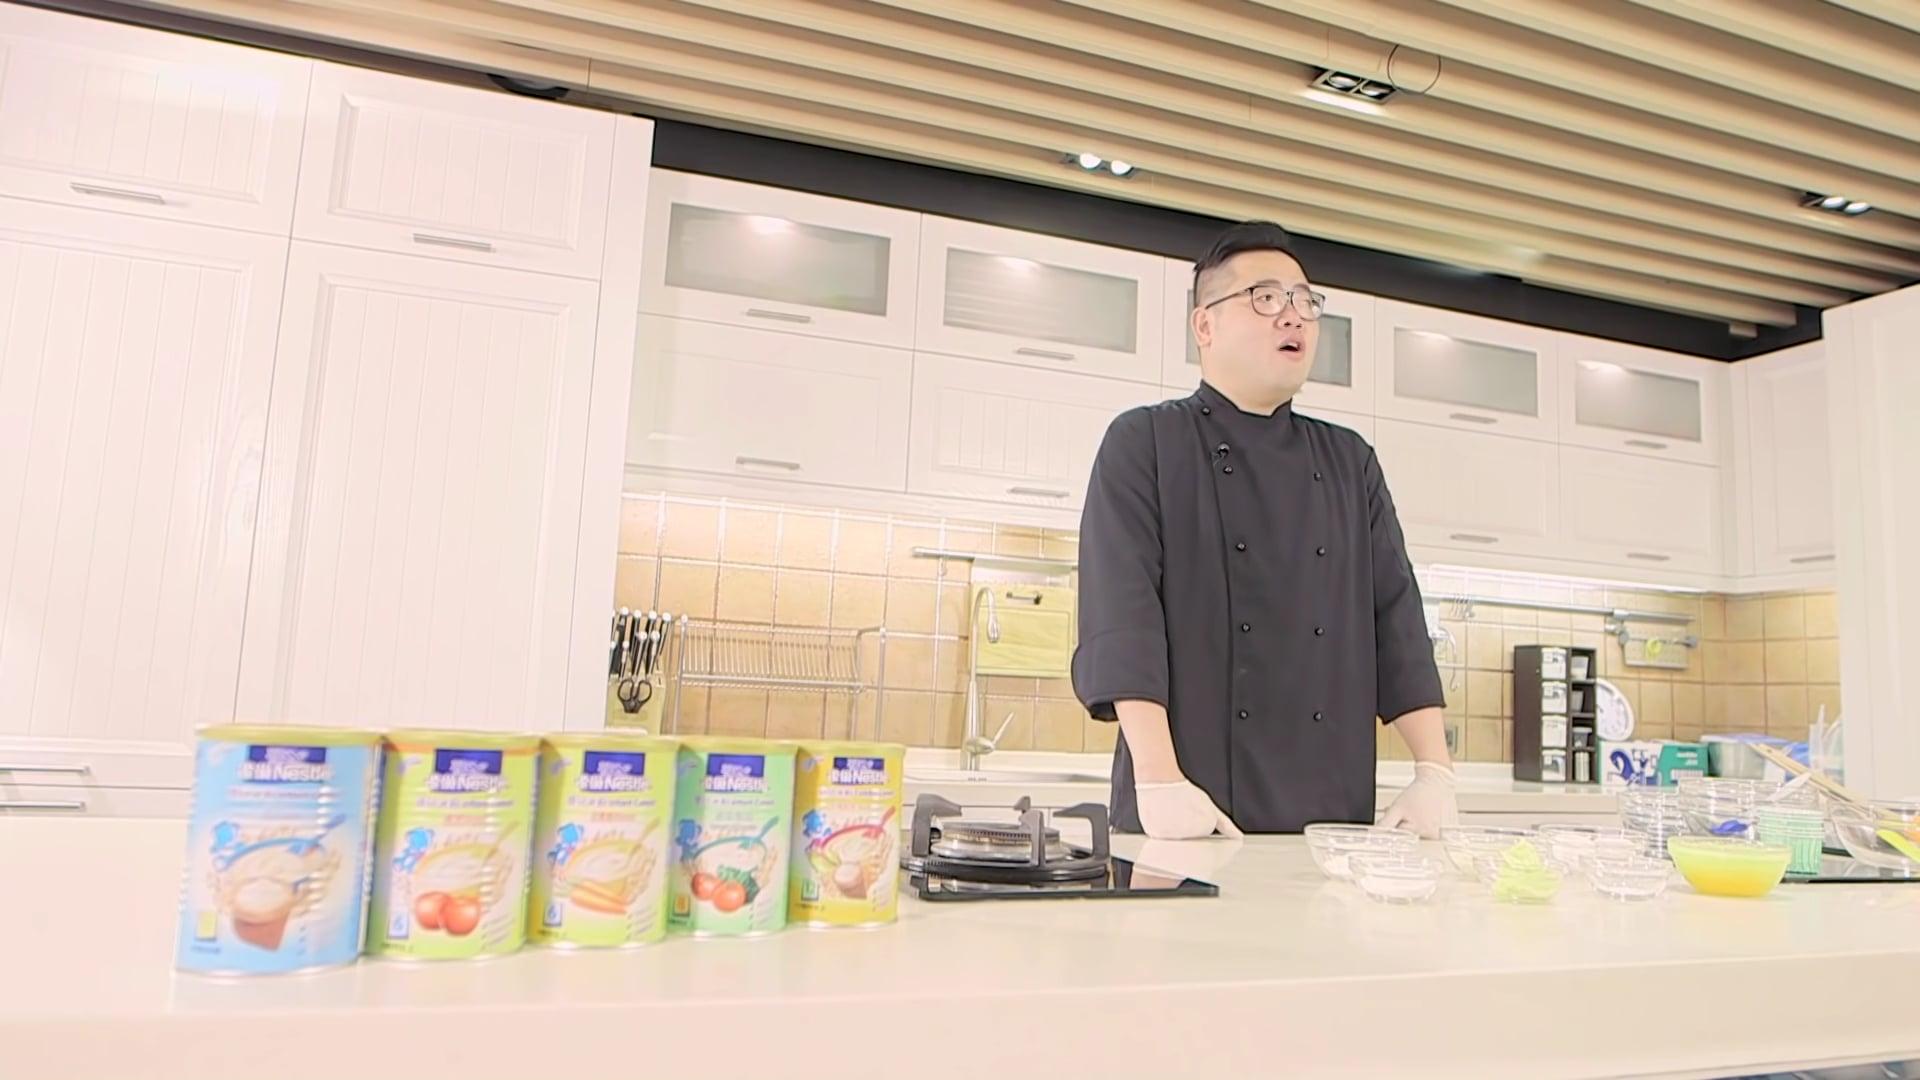 雀巢®嬰兒米粉創意廚藝學堂 – 果味穀物牛油蛋糕